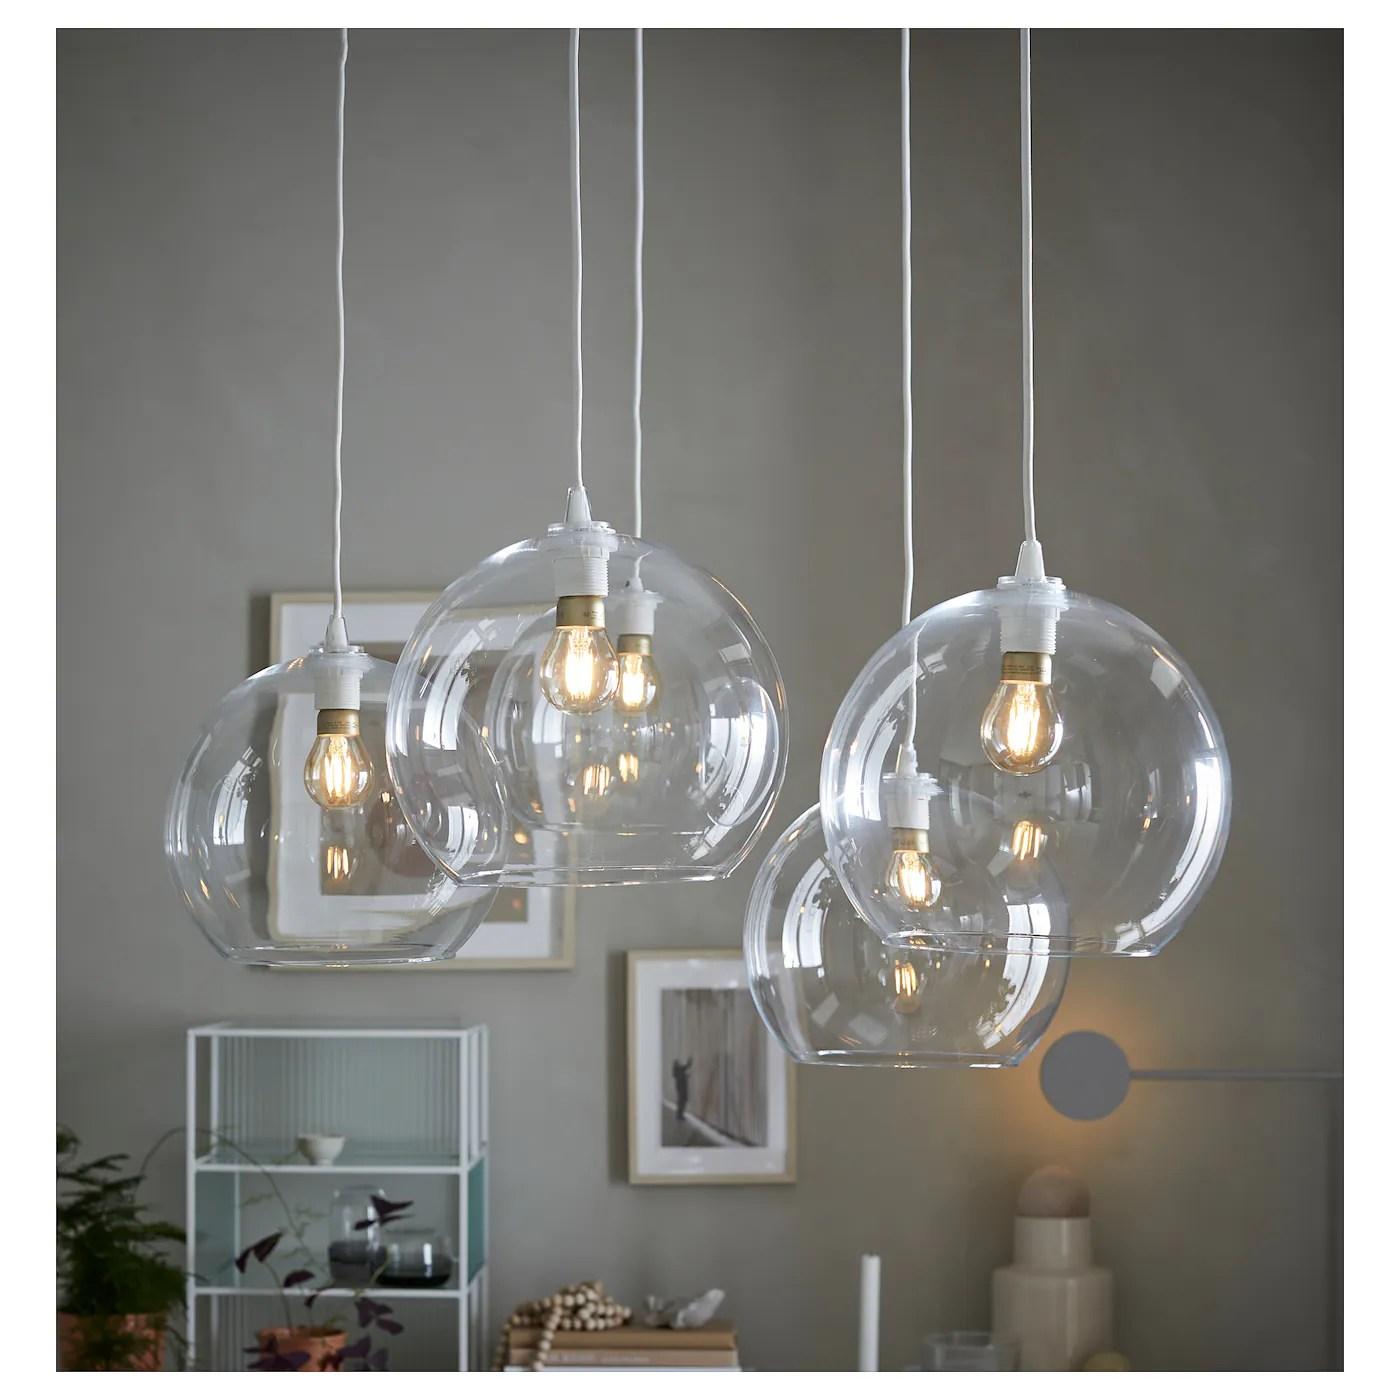 Jakobsbyn Clear Glass Pendant Lamp Shade Ikea